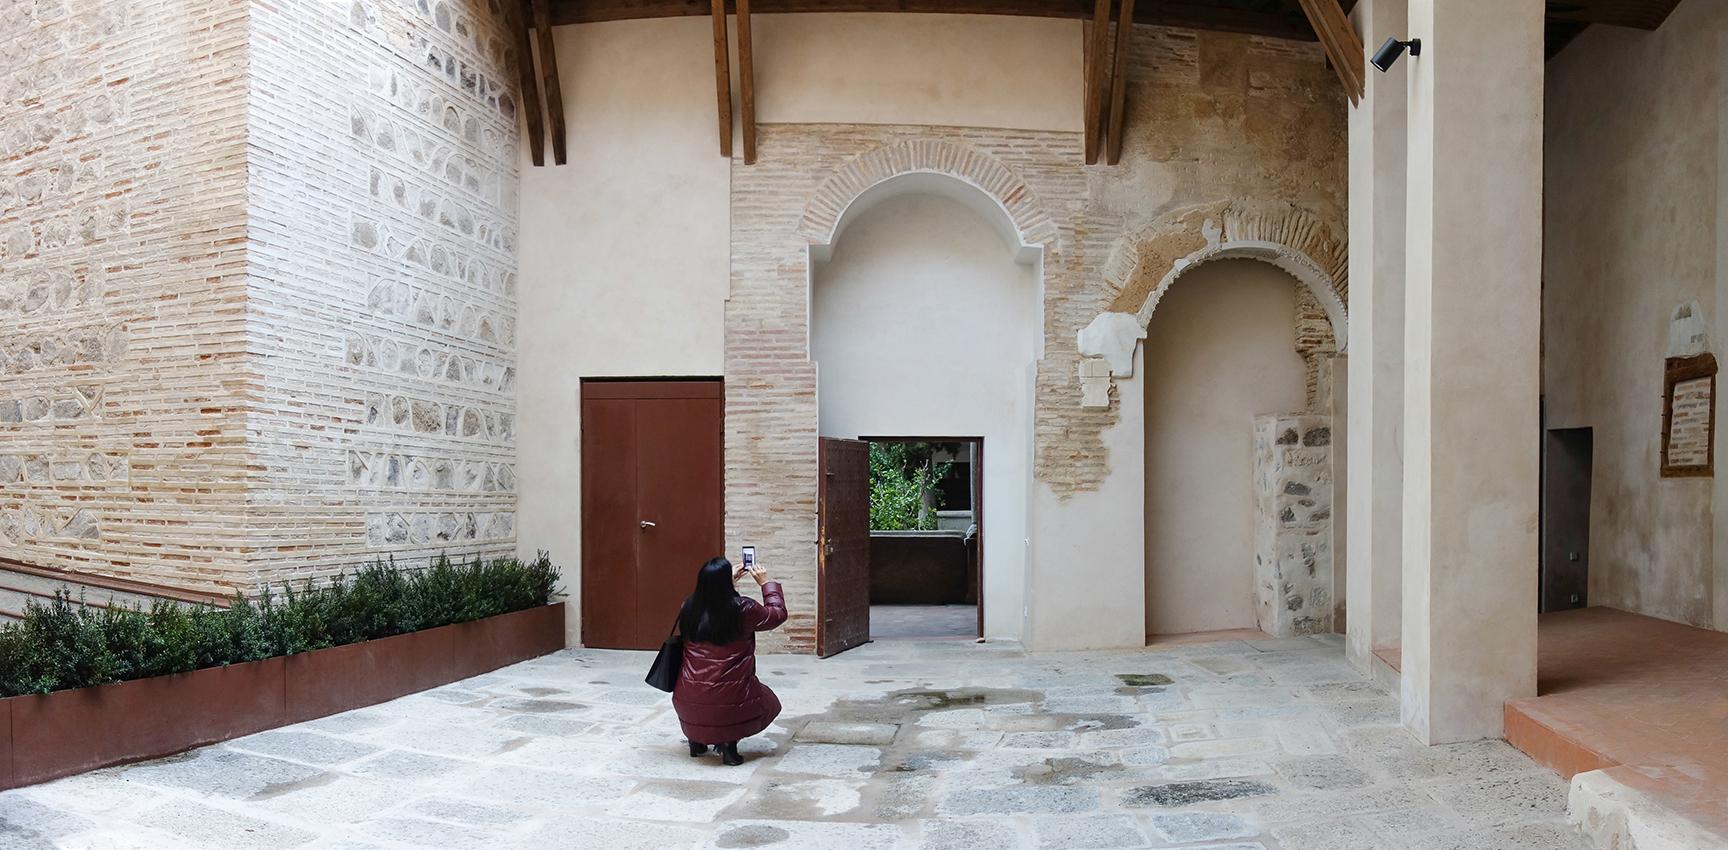 Antiguo patio de la lavandería, en el Convento de San Clemente, Toledo. Fotografía: Jose María Gutiérrez Arias. Año 2018